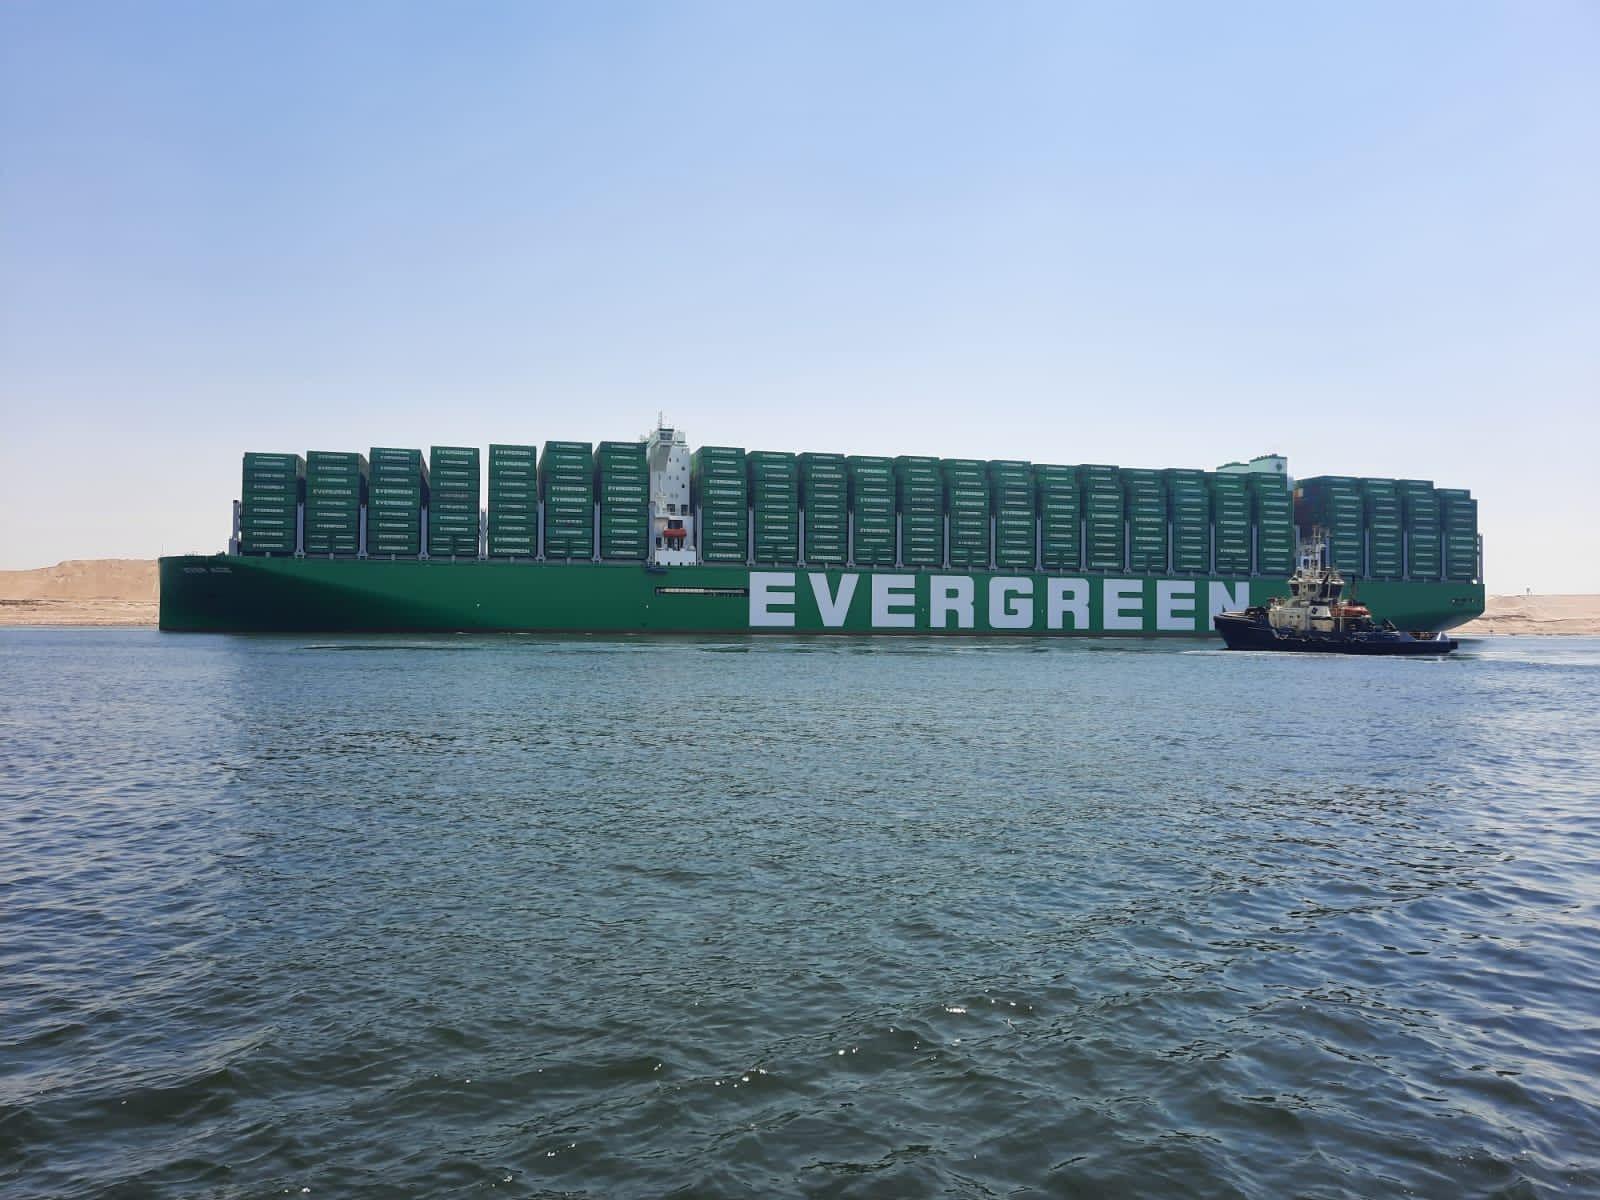 عبور أكبر سفينة حاويات عبر مياه قناة السويس (1)